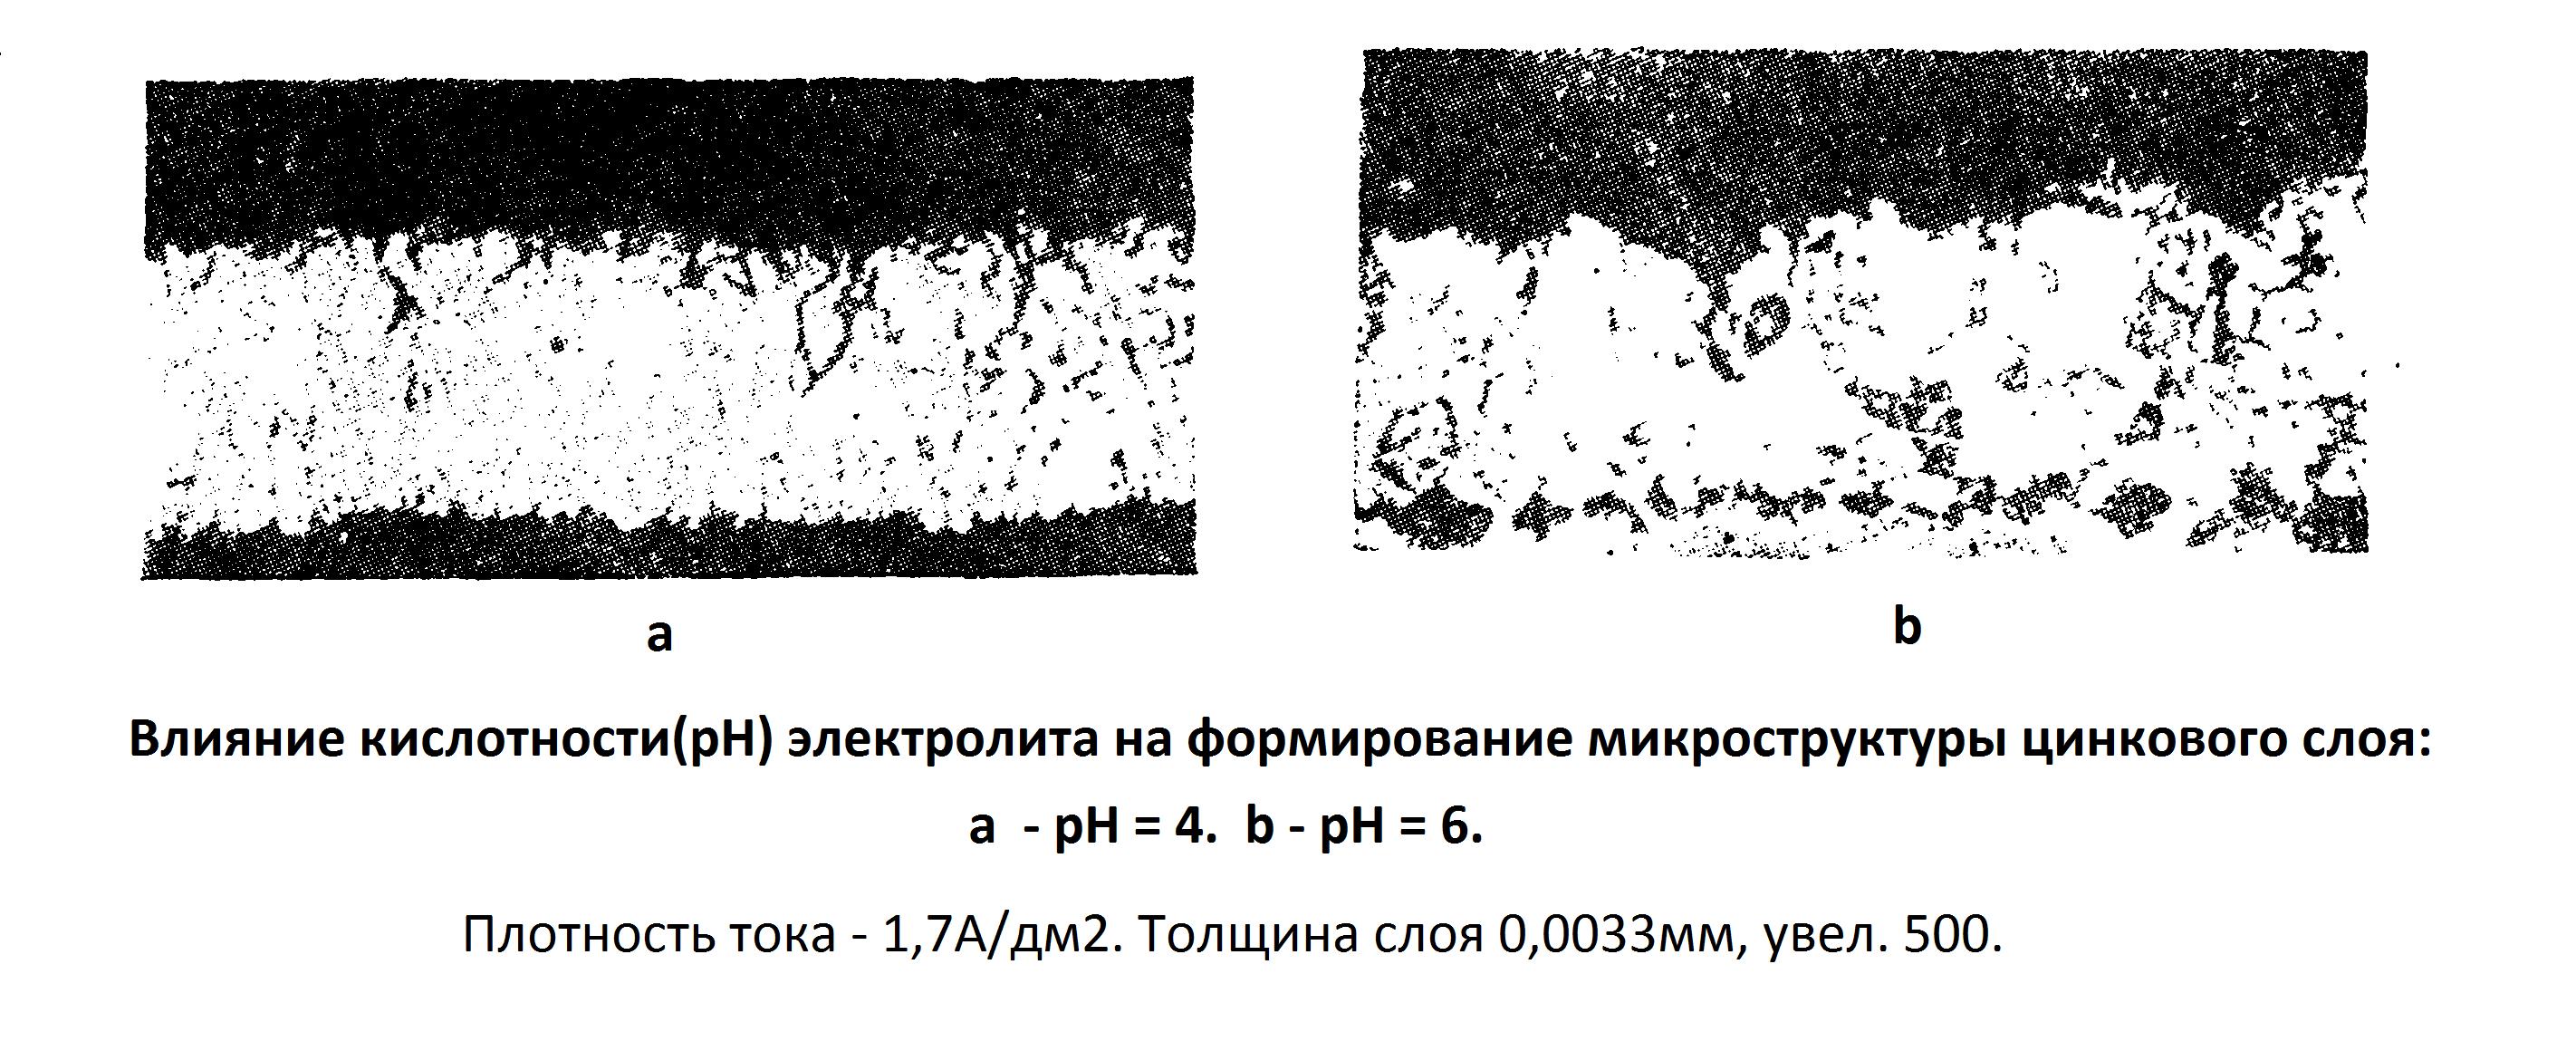 Сульфатные электролиты цинкования. Влияние кислотности на формирование микроструктуры слоя